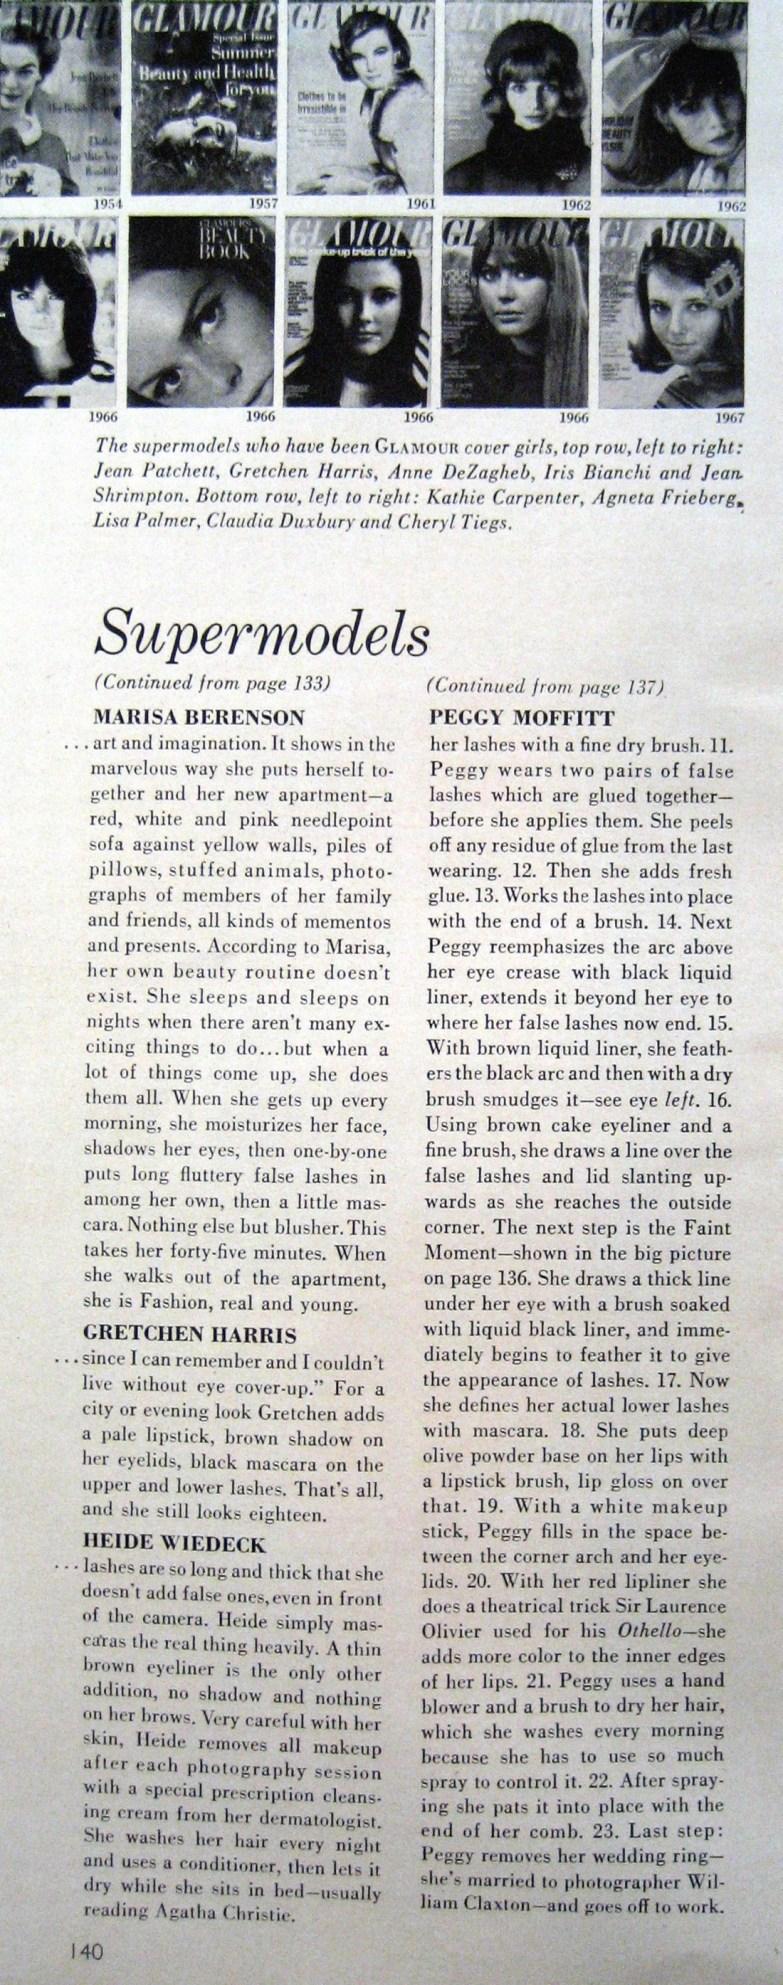 19Supermodels_1968_Feb_Glamour_140_MarisaB_GretchenH_HeideW_PeggyM